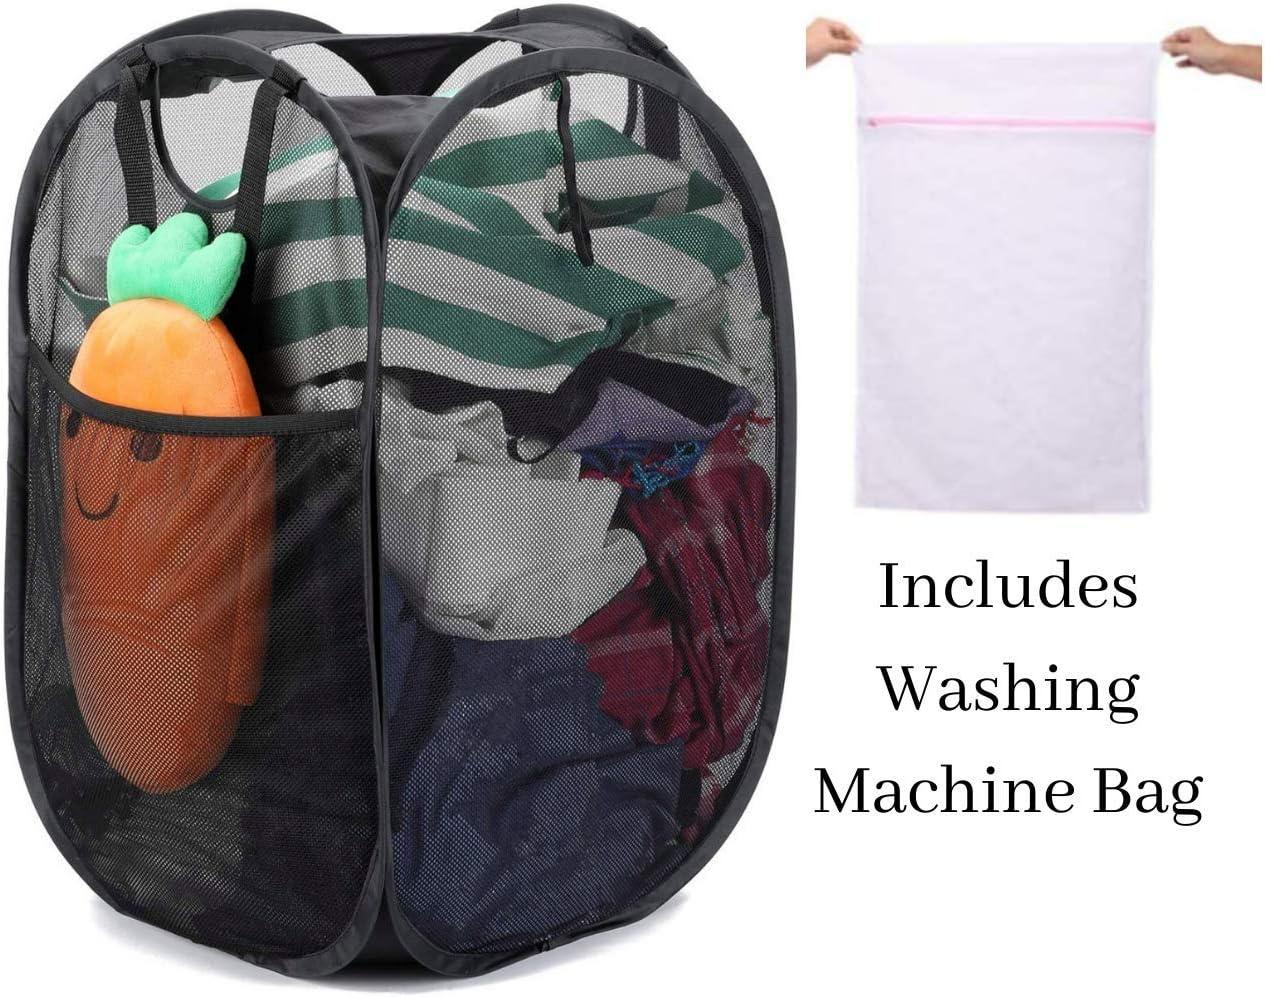 Cwtch Living Cesta plegable para la colada con asas y delicados bolsa de lavandería desplegable | Ahorro de espacio para estudiantes | Cesta plegable negra | UK Company